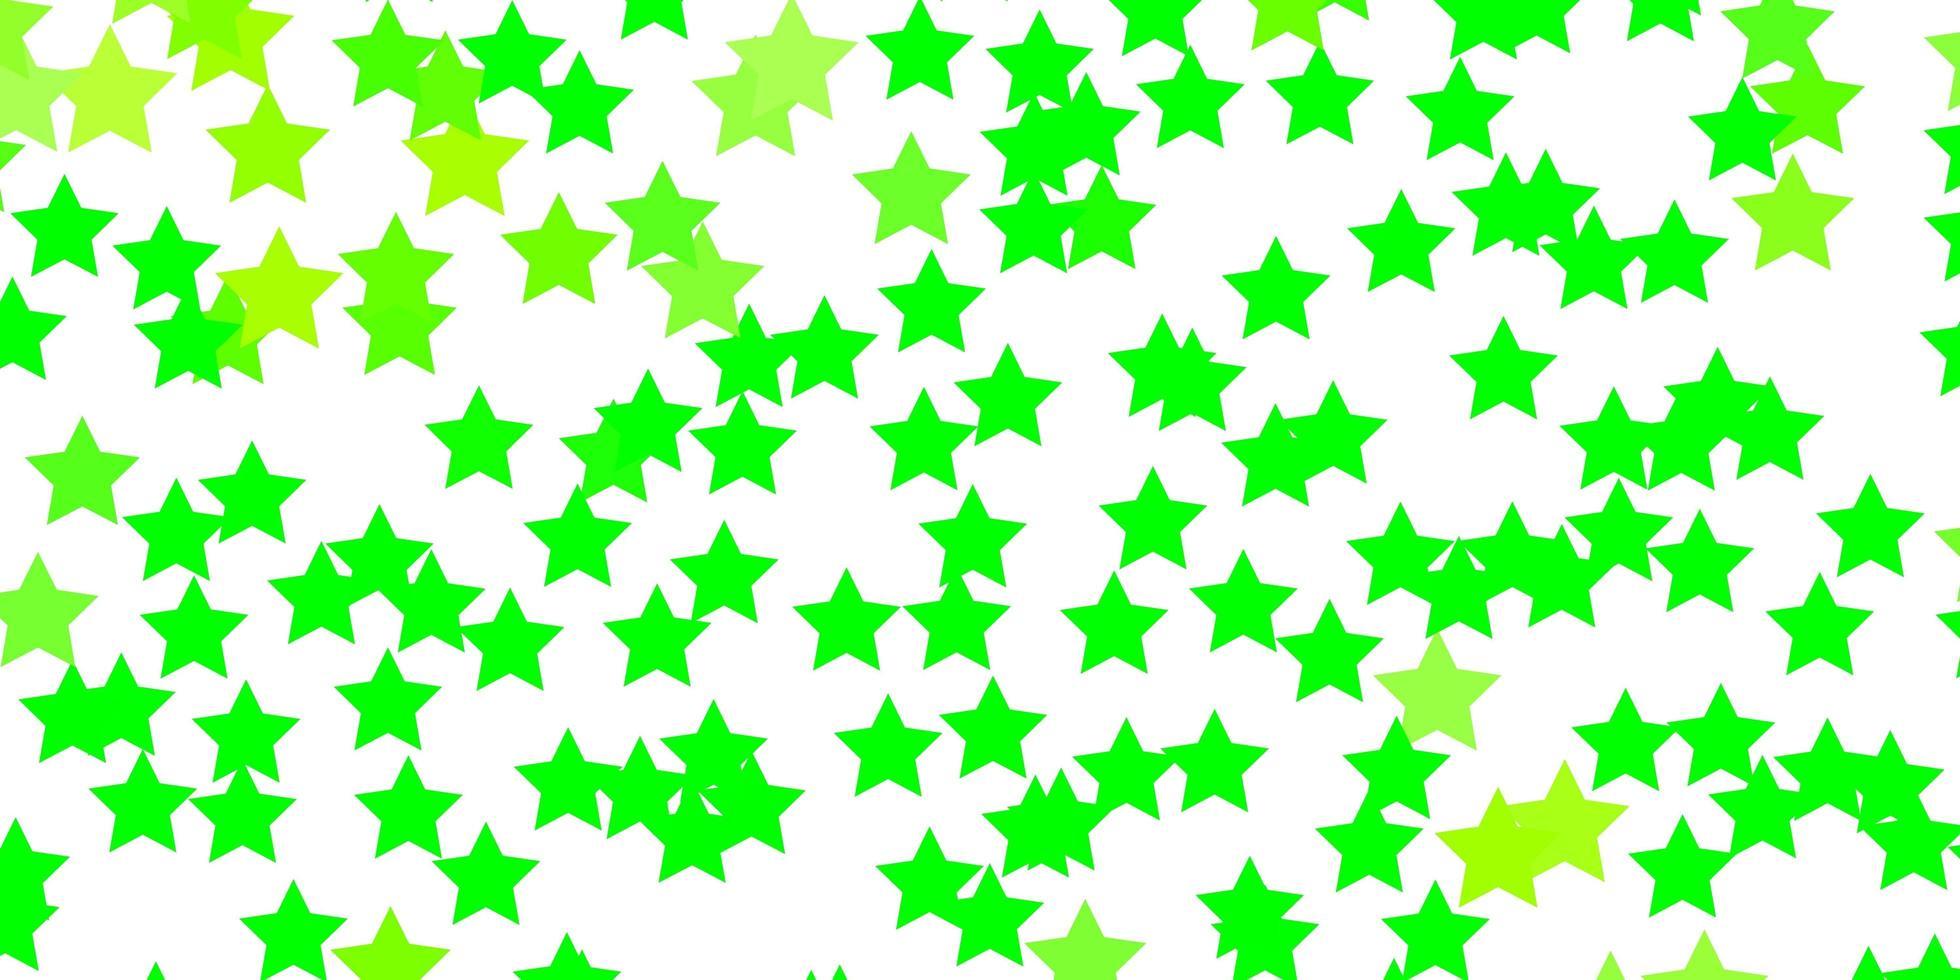 hellgrünes, gelbes Vektorlayout mit hellen Sternen. vektor